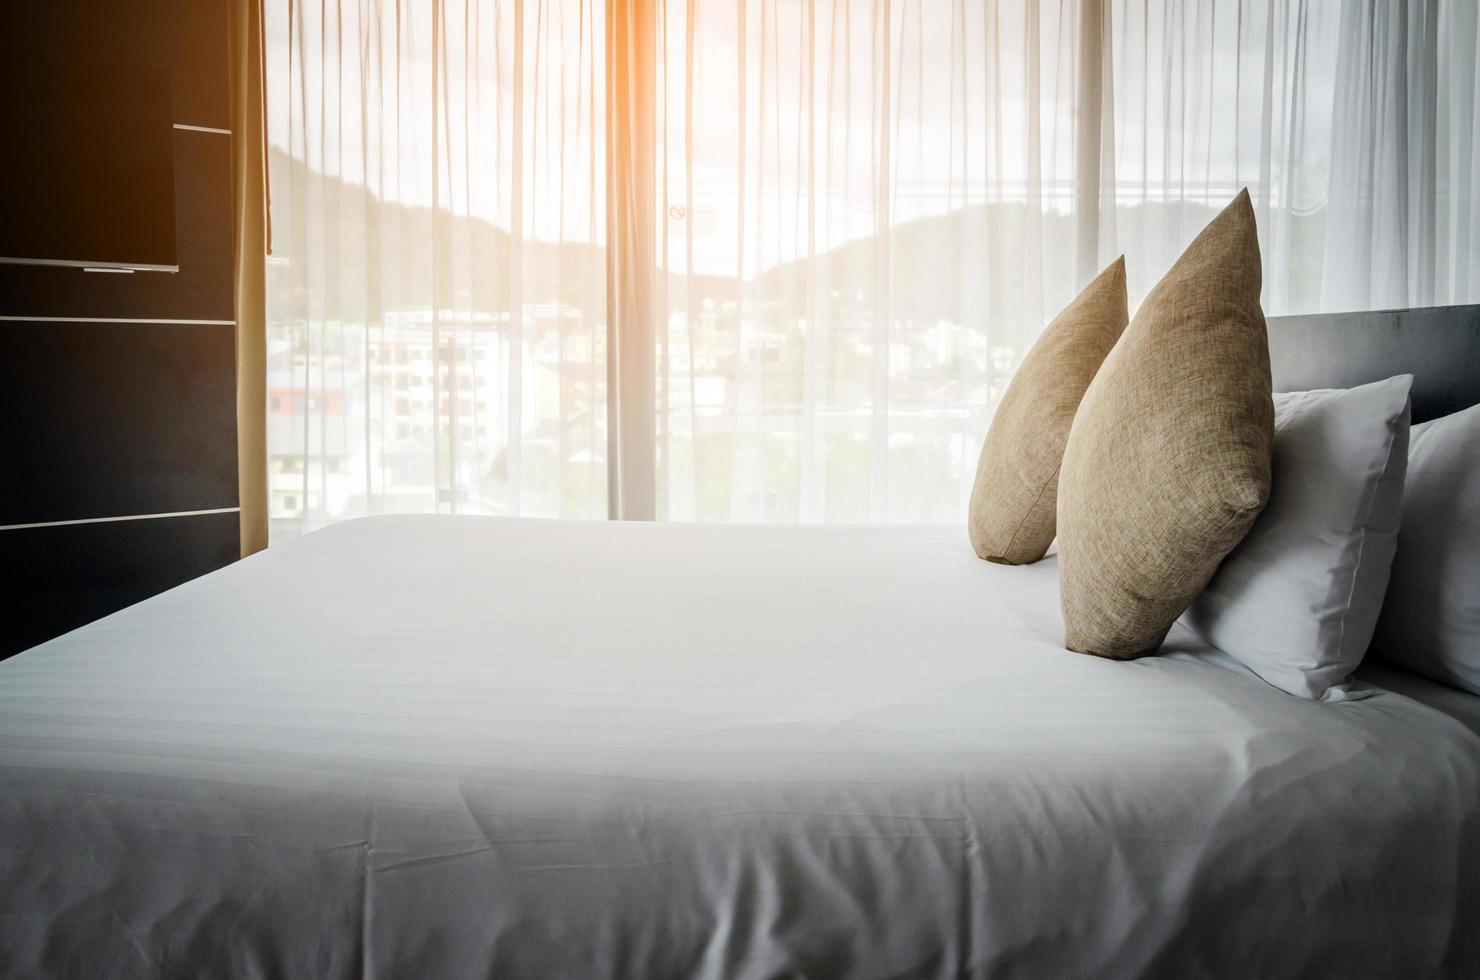 oreillers sur un lit d'hôtel photo